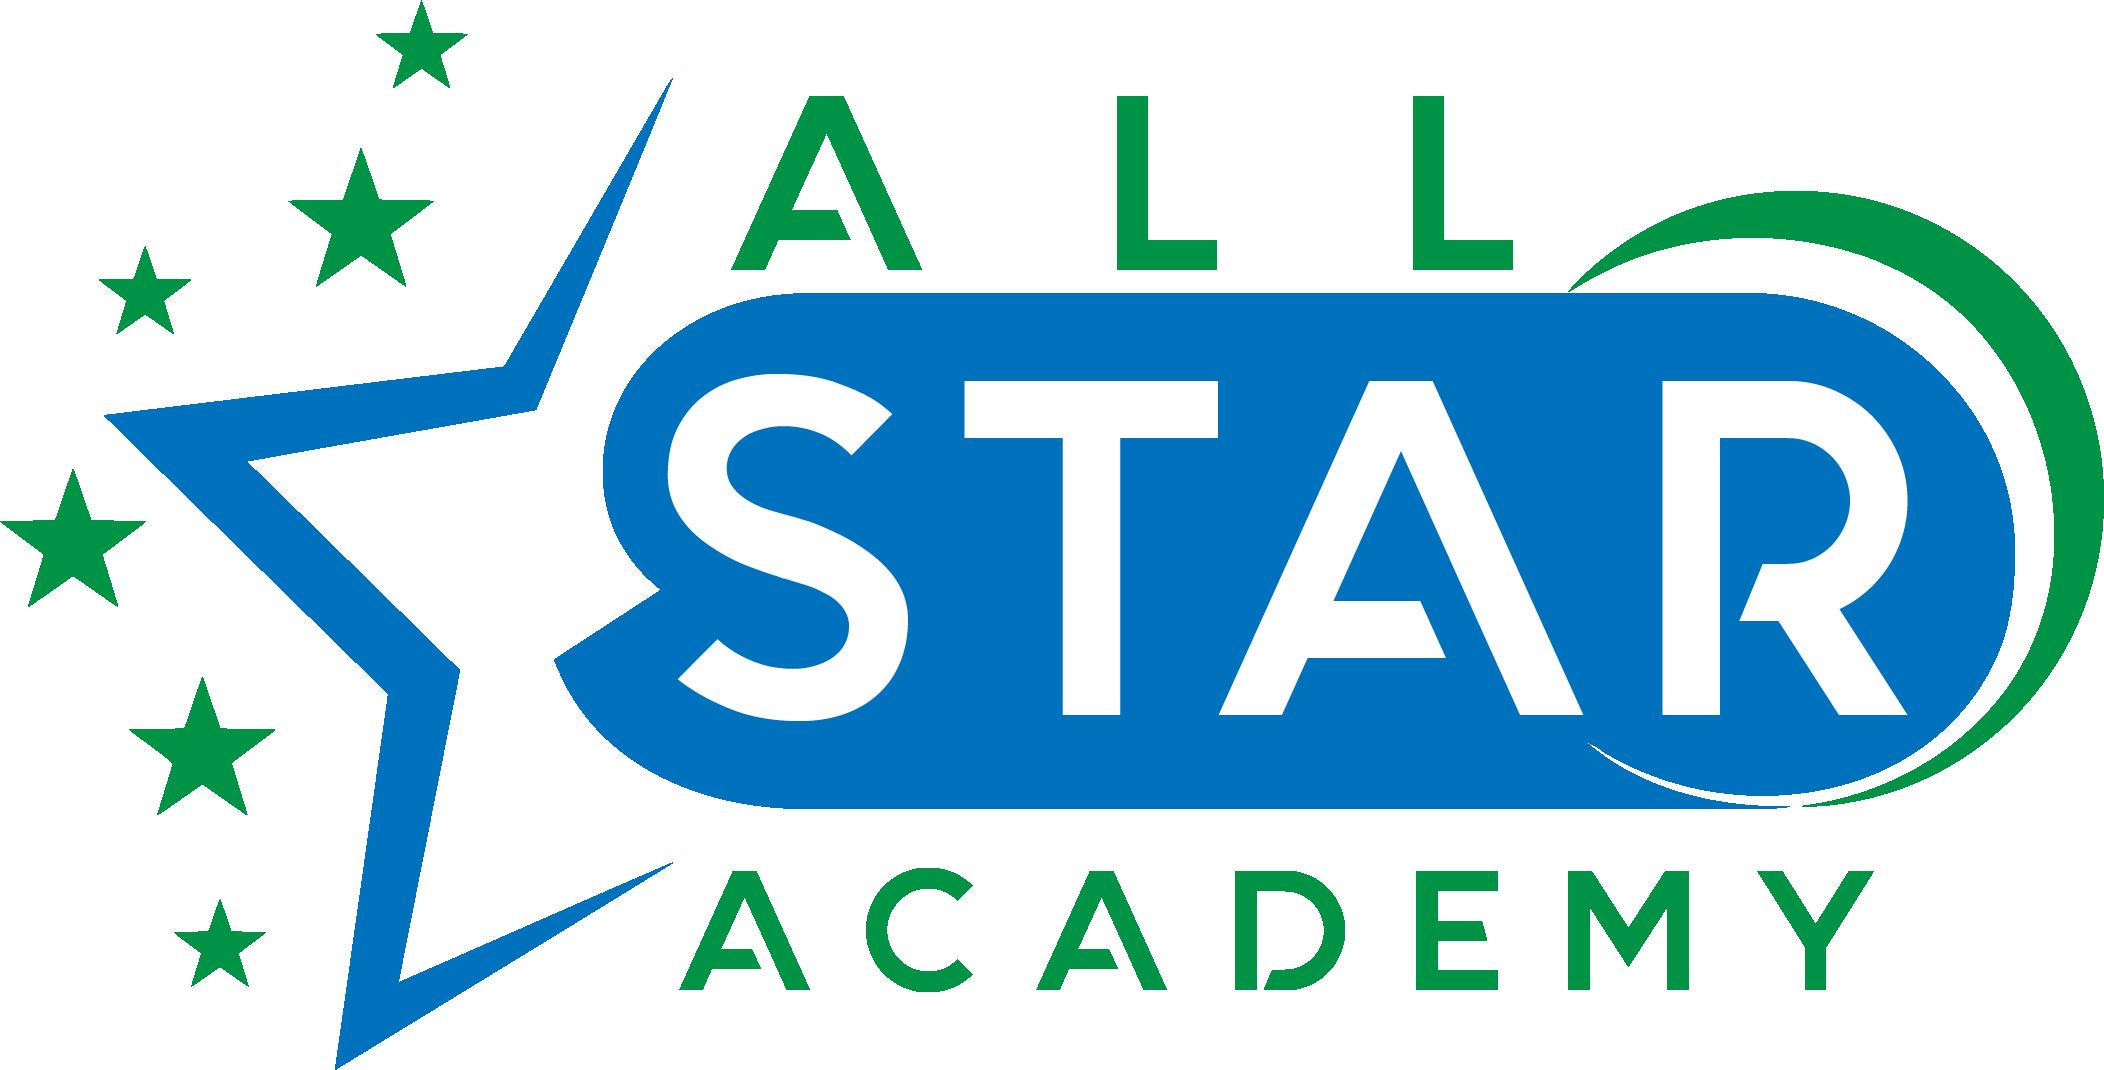 All Star Academy